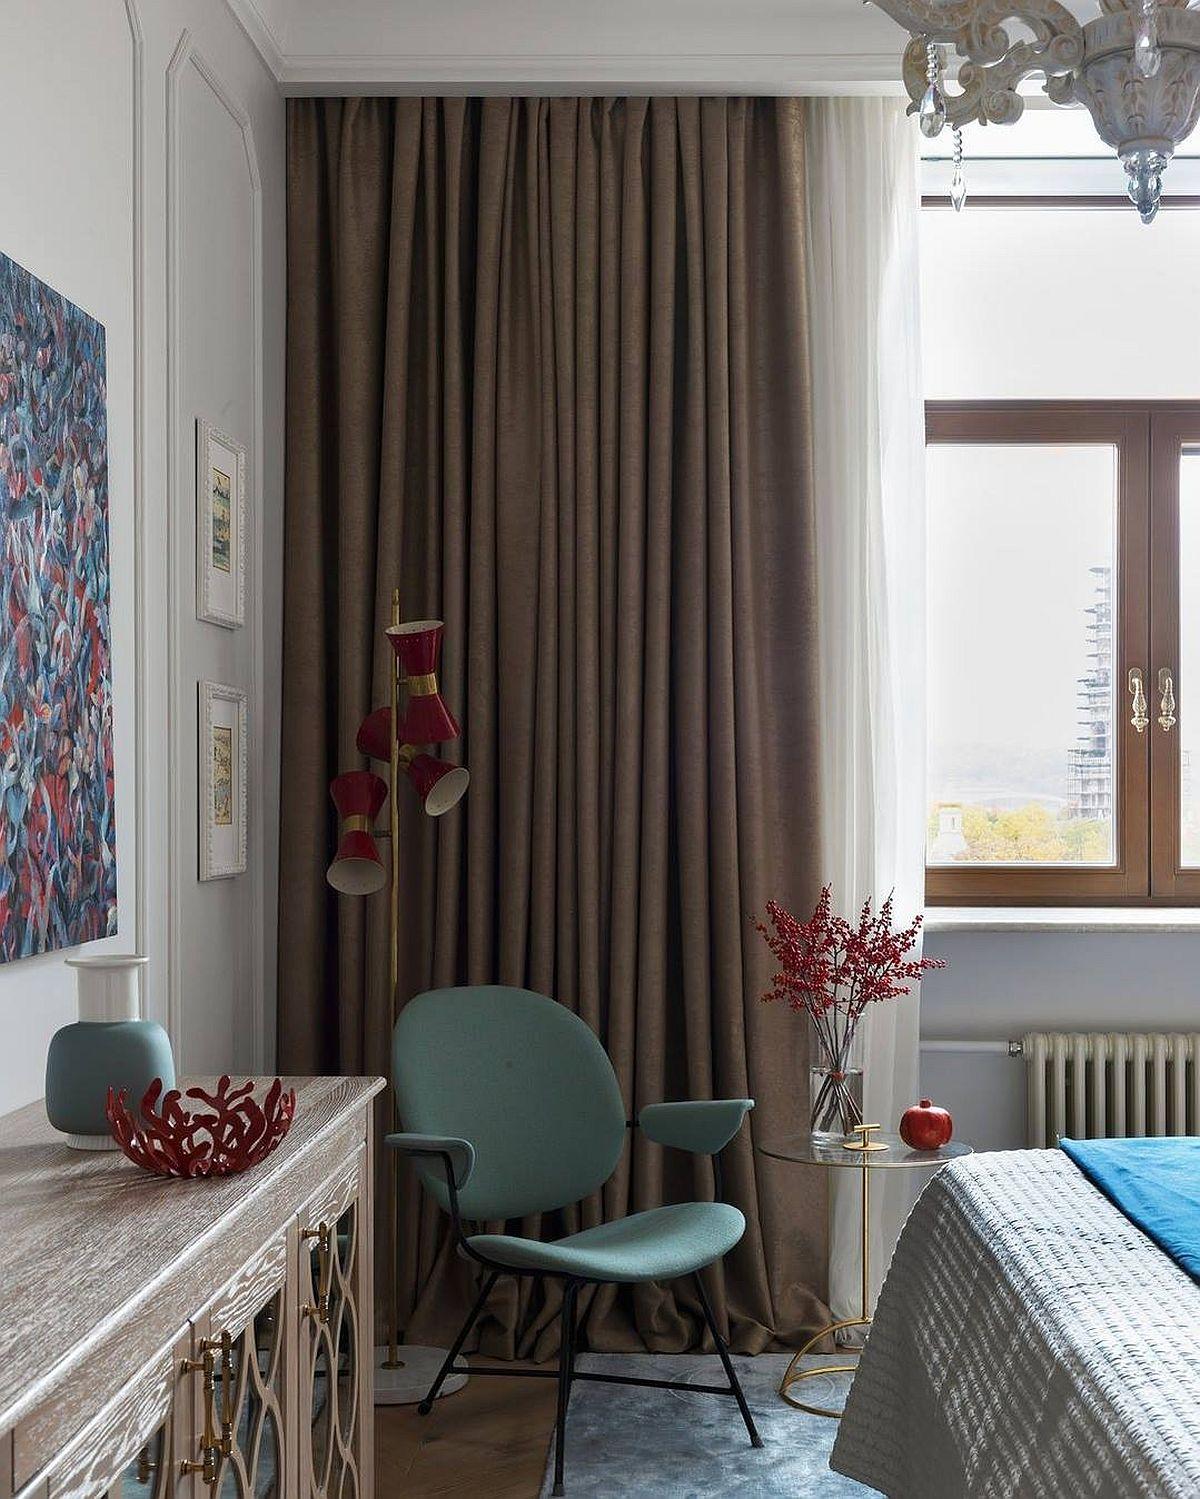 O comodă cu aer exotic este prezentă în fața patului din dormitorul matrimonial, comodă care completează nevoia de depozitare, dar este și prilej de decorare cu lucrări de artă și obiecte decorative. În fiecare parte a camerei designerul a gîndit contraste de culori și texturi, care pun în evidență piesele alease.